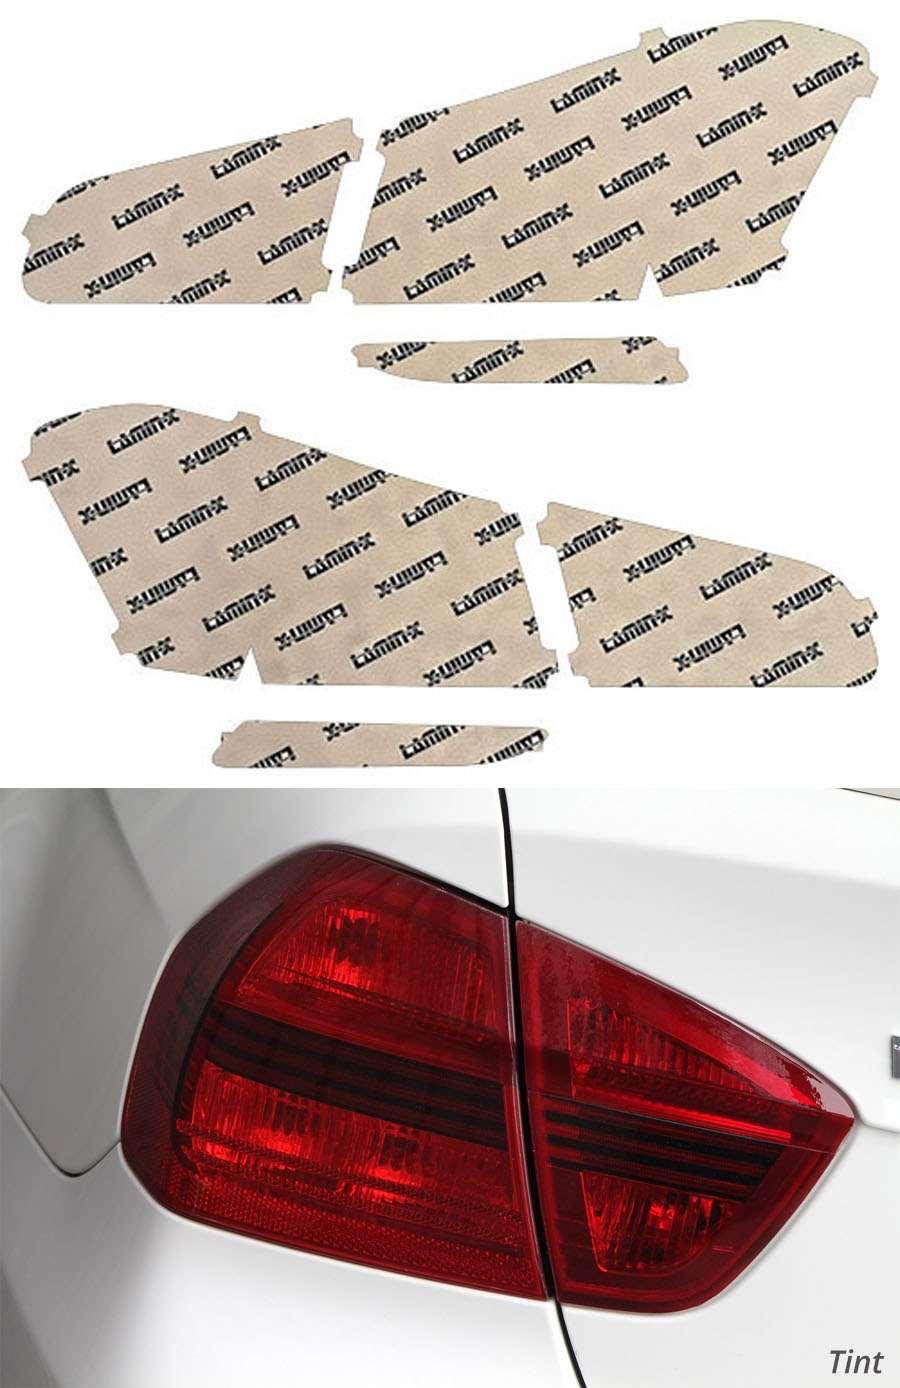 Kia Forte Koup 14-16 Tint Tail Light Covers Lamin-X K231T